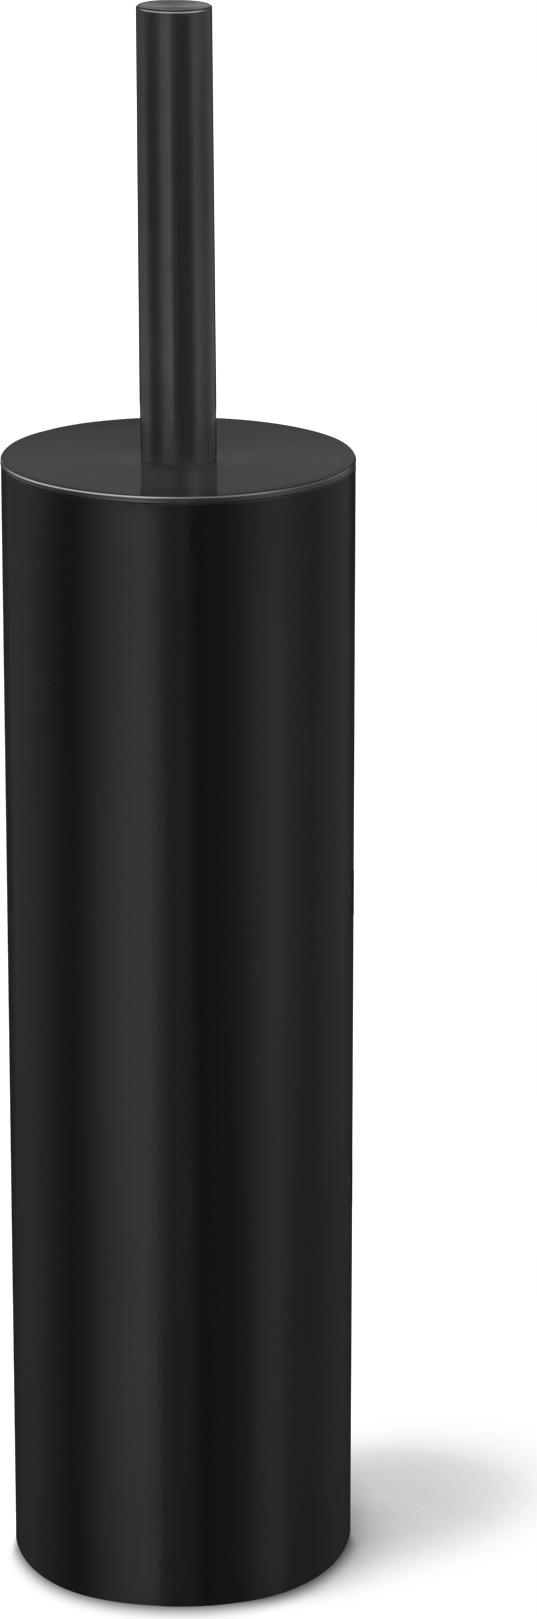 Zack TUBO BLACK WC toaletná kefa - čierna